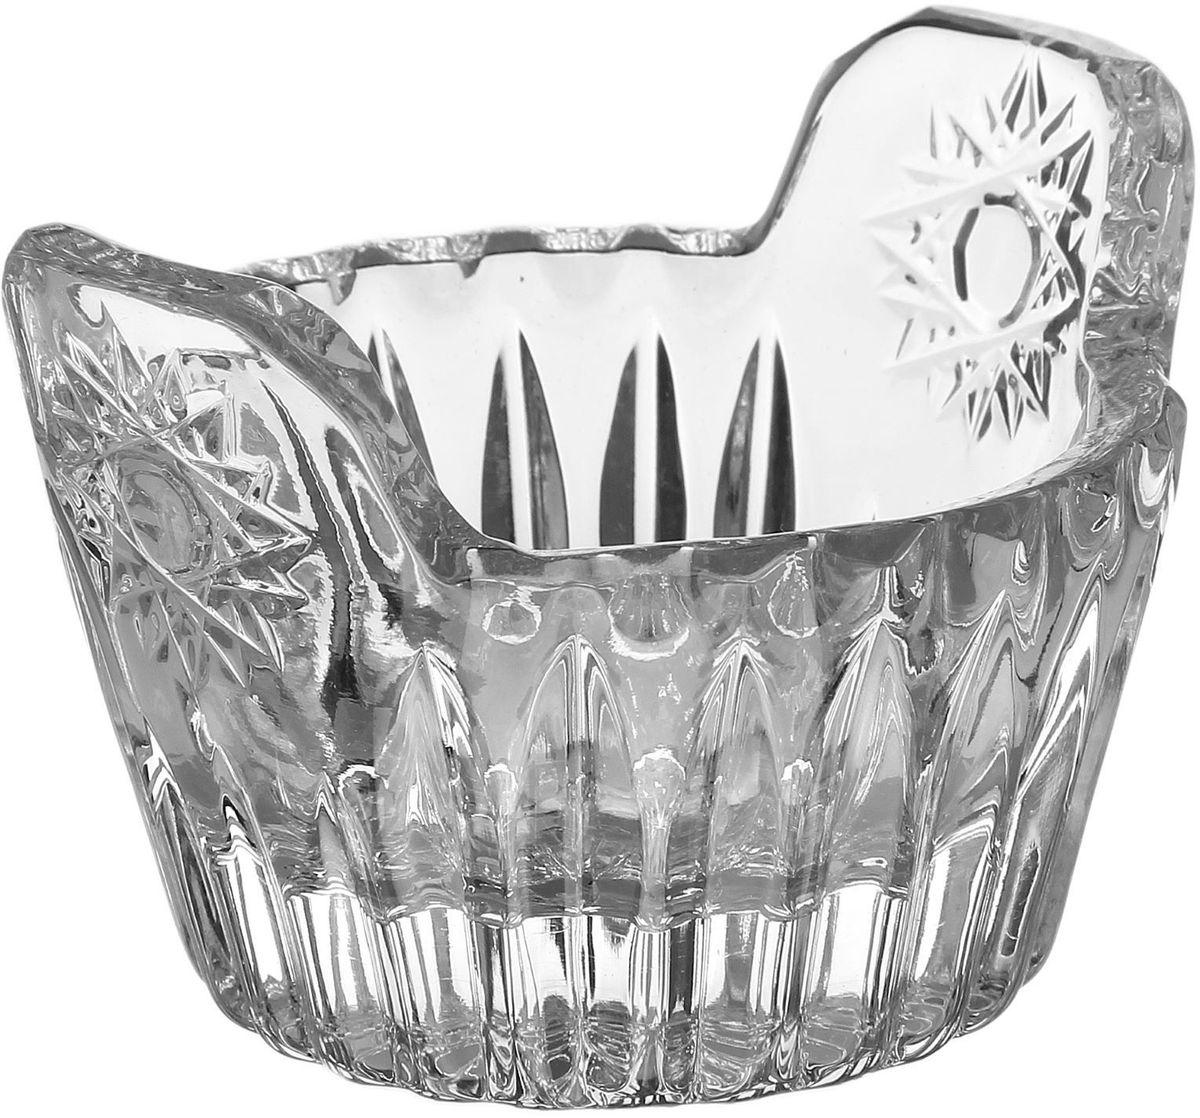 Икорница Бахметьевский завод, диаметр 10 см1425051От хорошей кухонной утвари зависит половина успеха вкусного блюда. Чтобы еда была вкусной, важно ее правильно приготовить и сервировать. Вся посуда, представленная в каталоге, сделана из проверенных материалов, безопасна в использовании, будет долго радовать вас своим внешним видом и высоким качеством. Приобретайте изделия по действительно низким оптовым ценам с доставкой на дом.